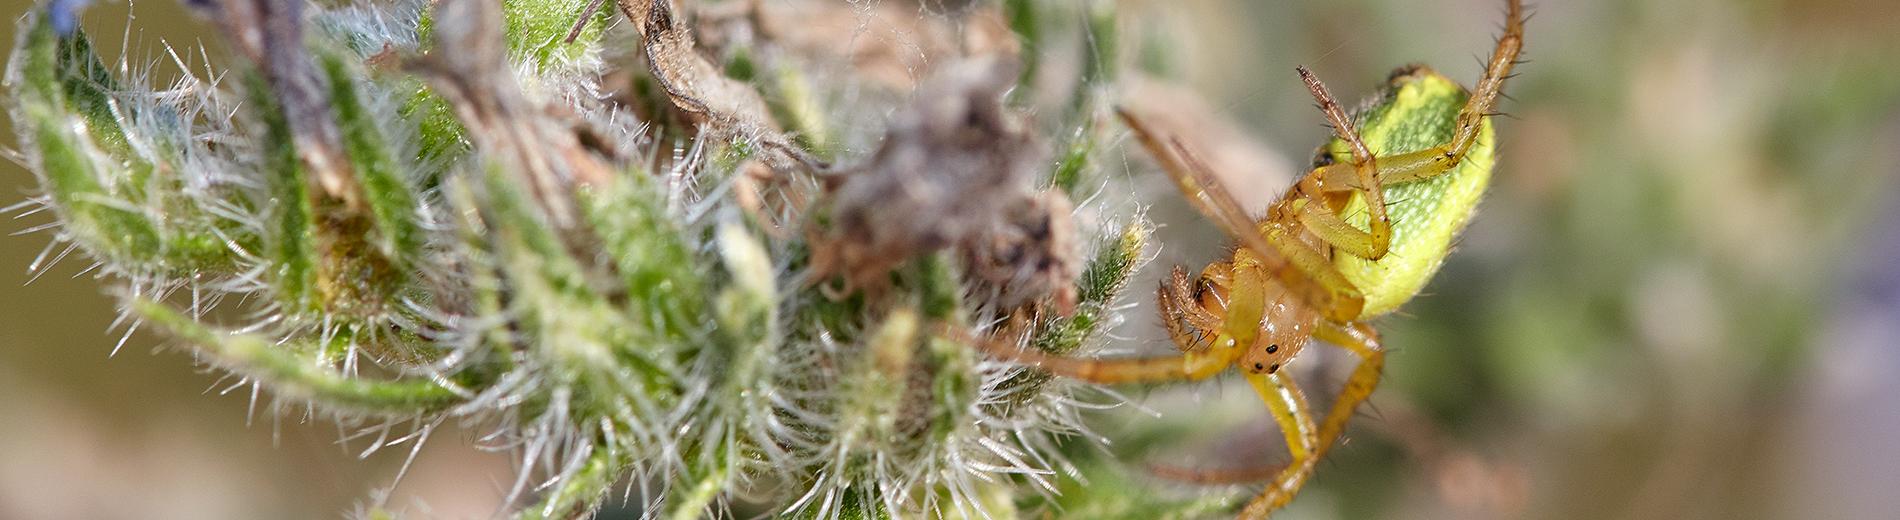 Putukad päikesepaistelisel päeval